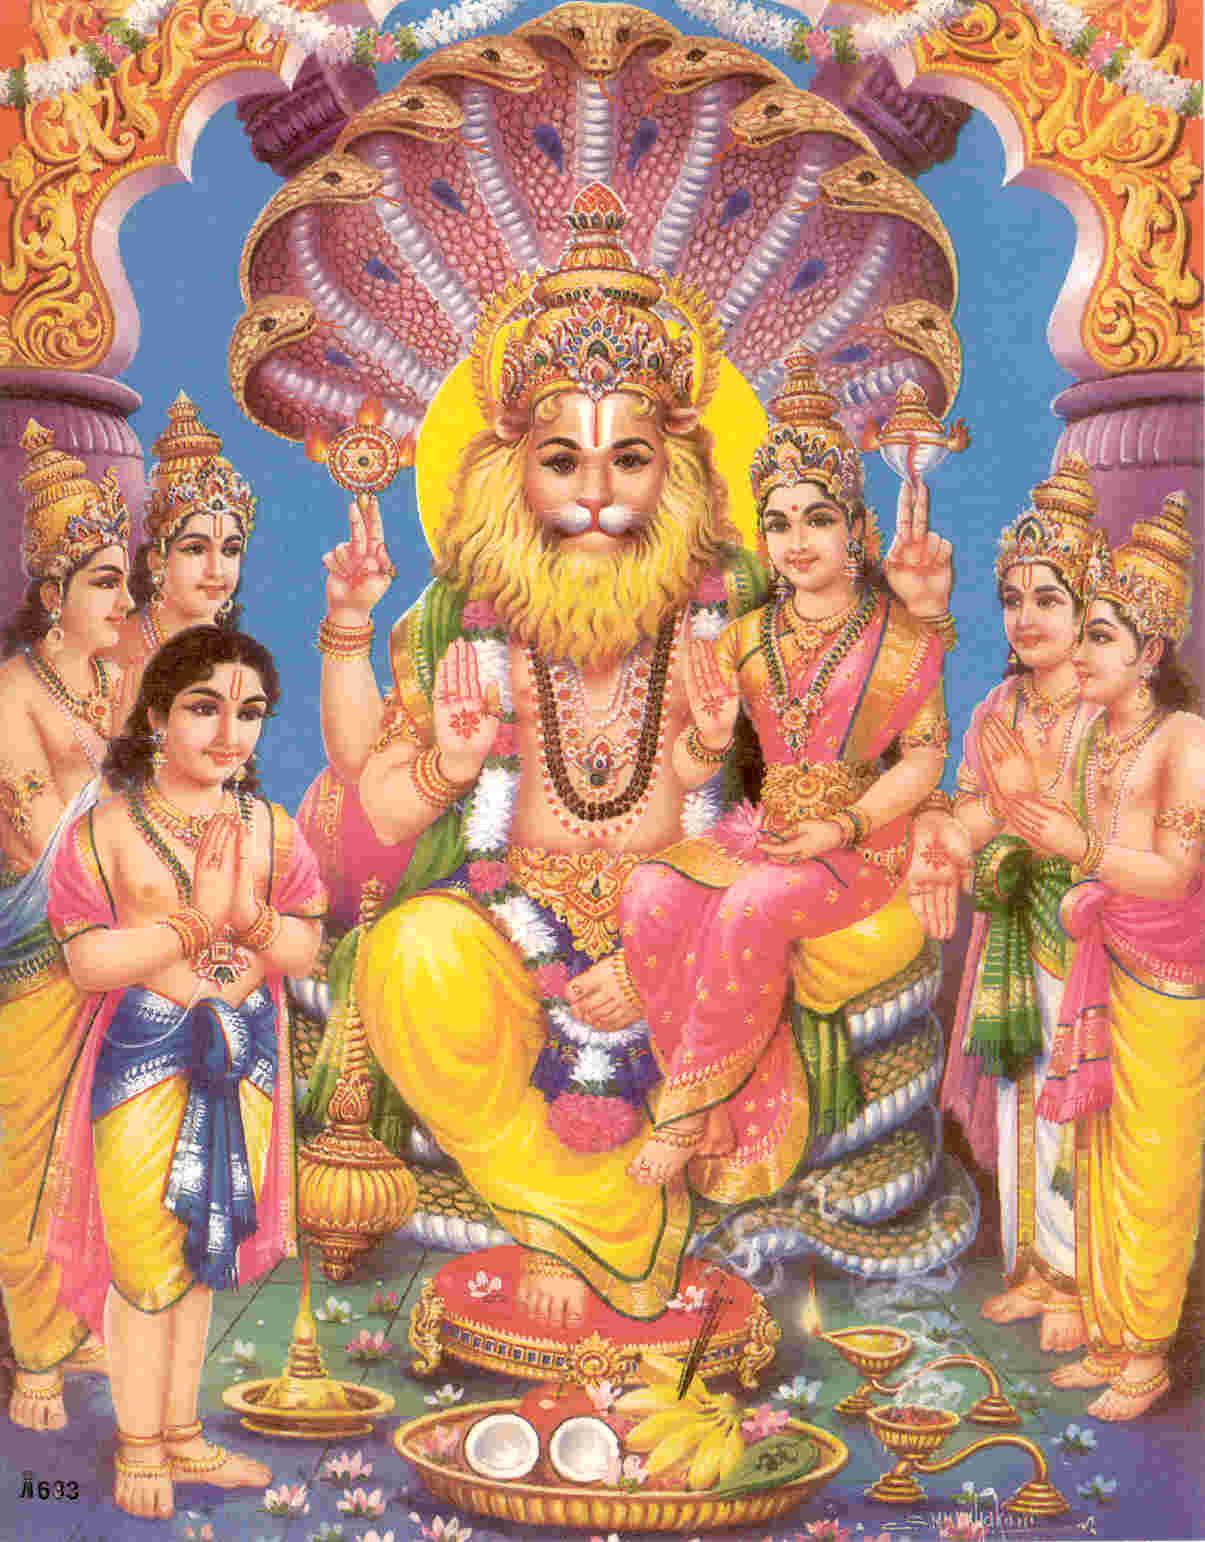 https://i0.wp.com/www.stephen-knapp.com/images/850NarasimhaLakshmi.jpg